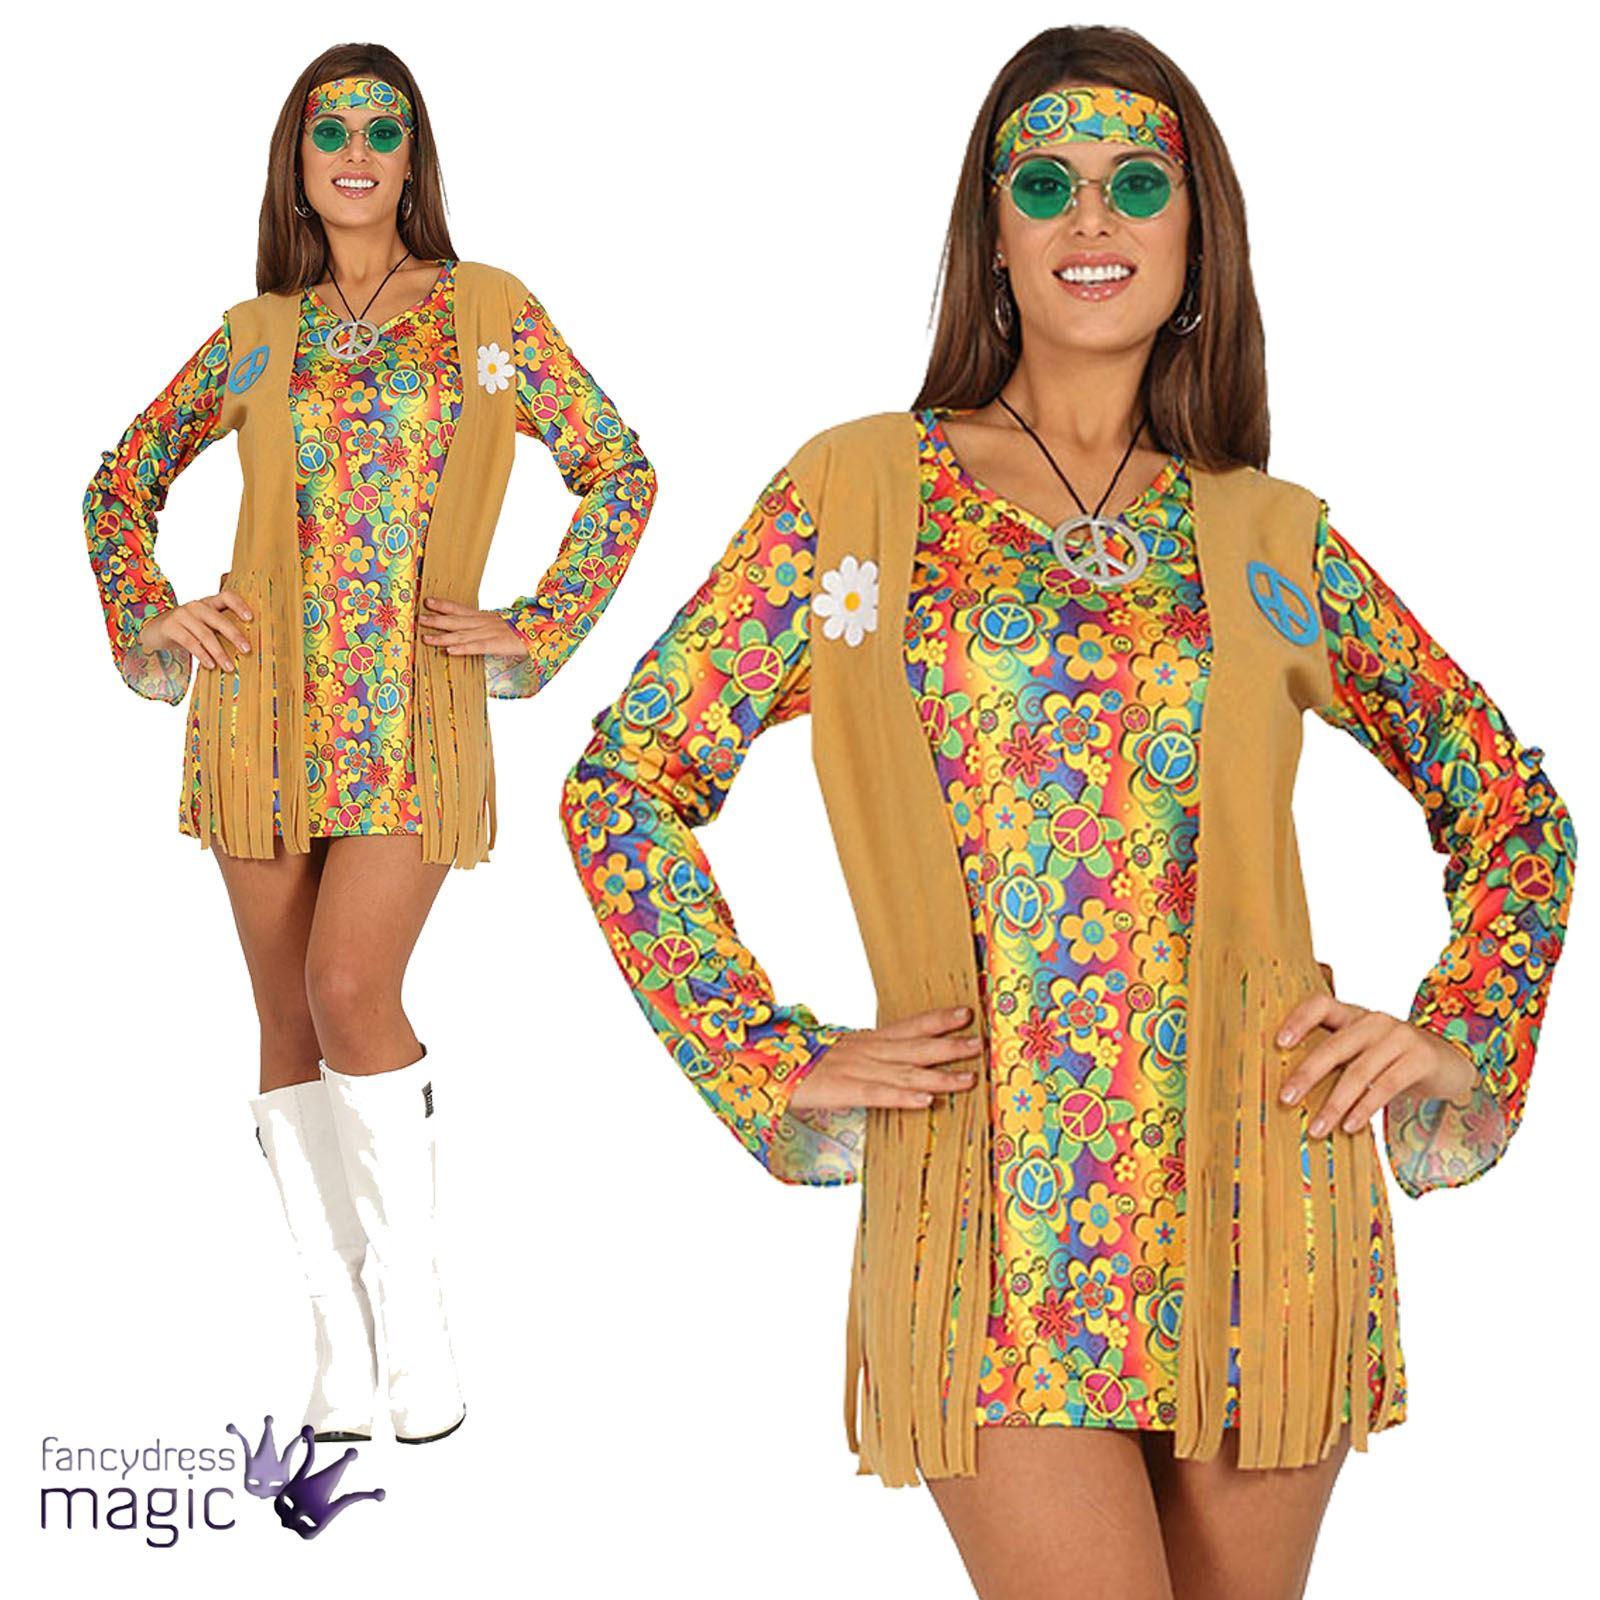 femmes ann es 60 70 hippie costume d guisement bandeau gilet frange ebay. Black Bedroom Furniture Sets. Home Design Ideas